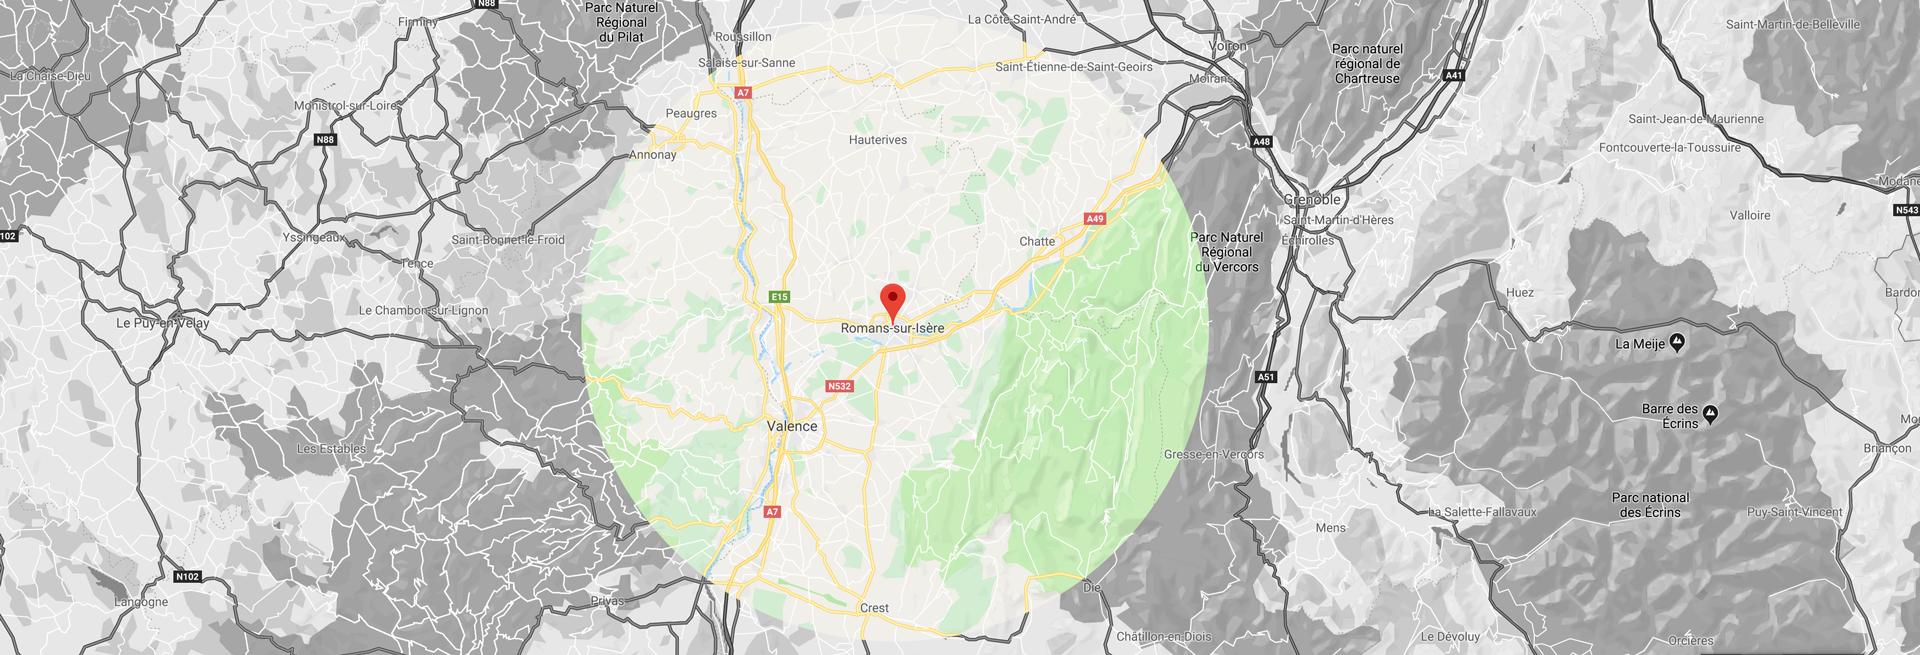 Zone d'internetion de 40 kilomètres autour de Romans-sur-isère